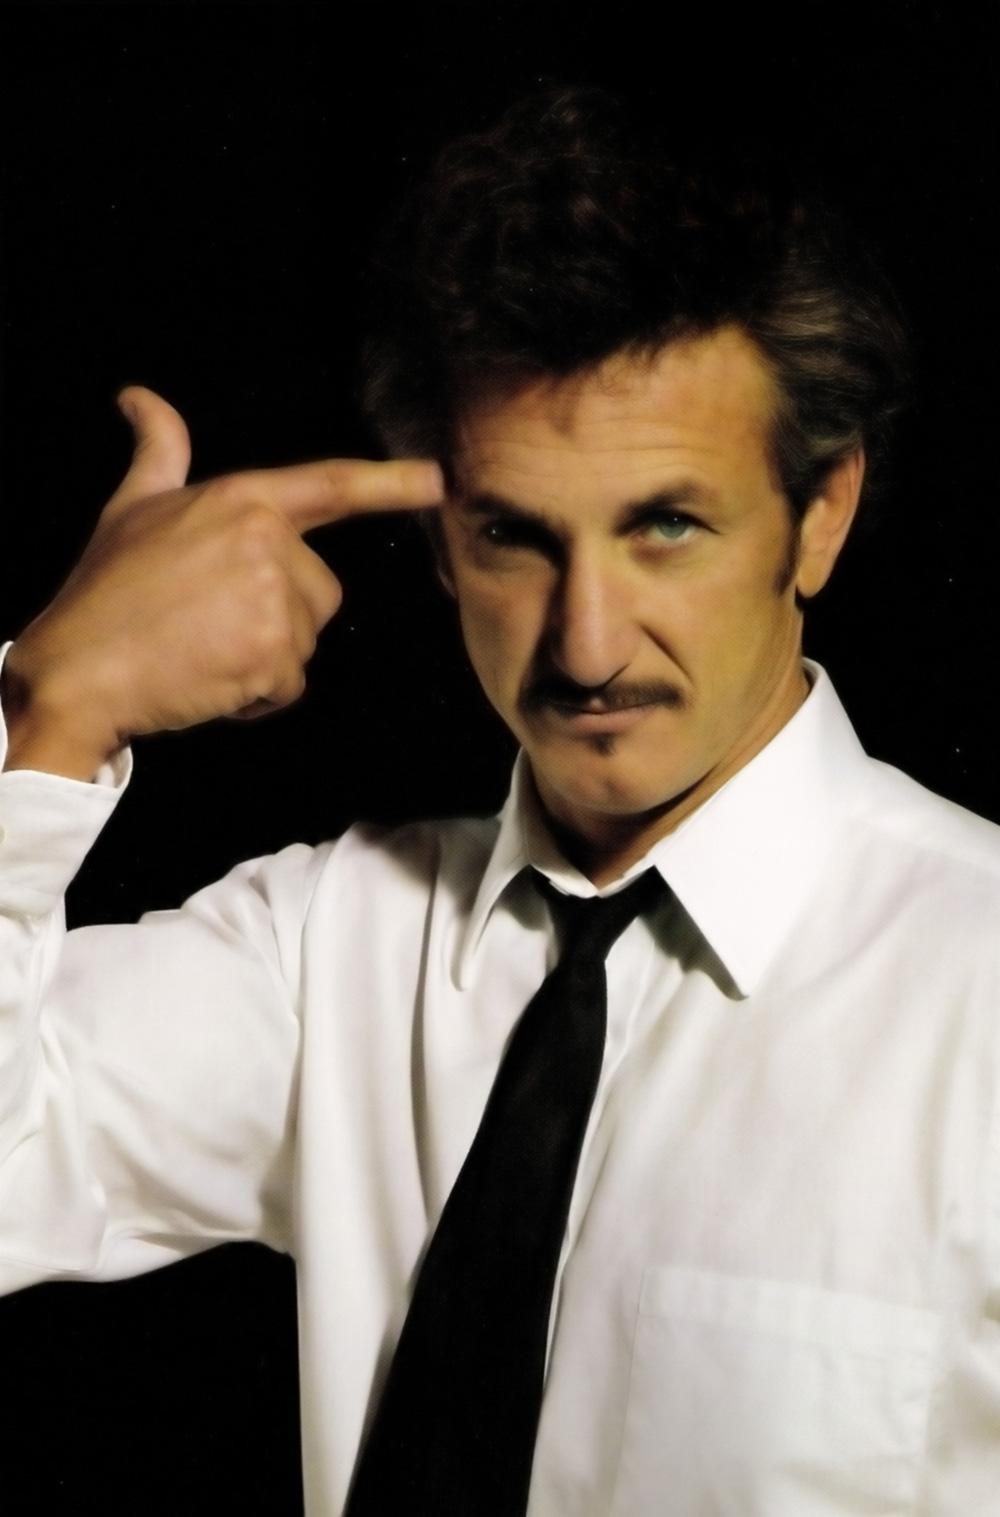 Mi Piace Questa Foto Di Sean Penn Voglio Un Sacco Di Foto In Casa